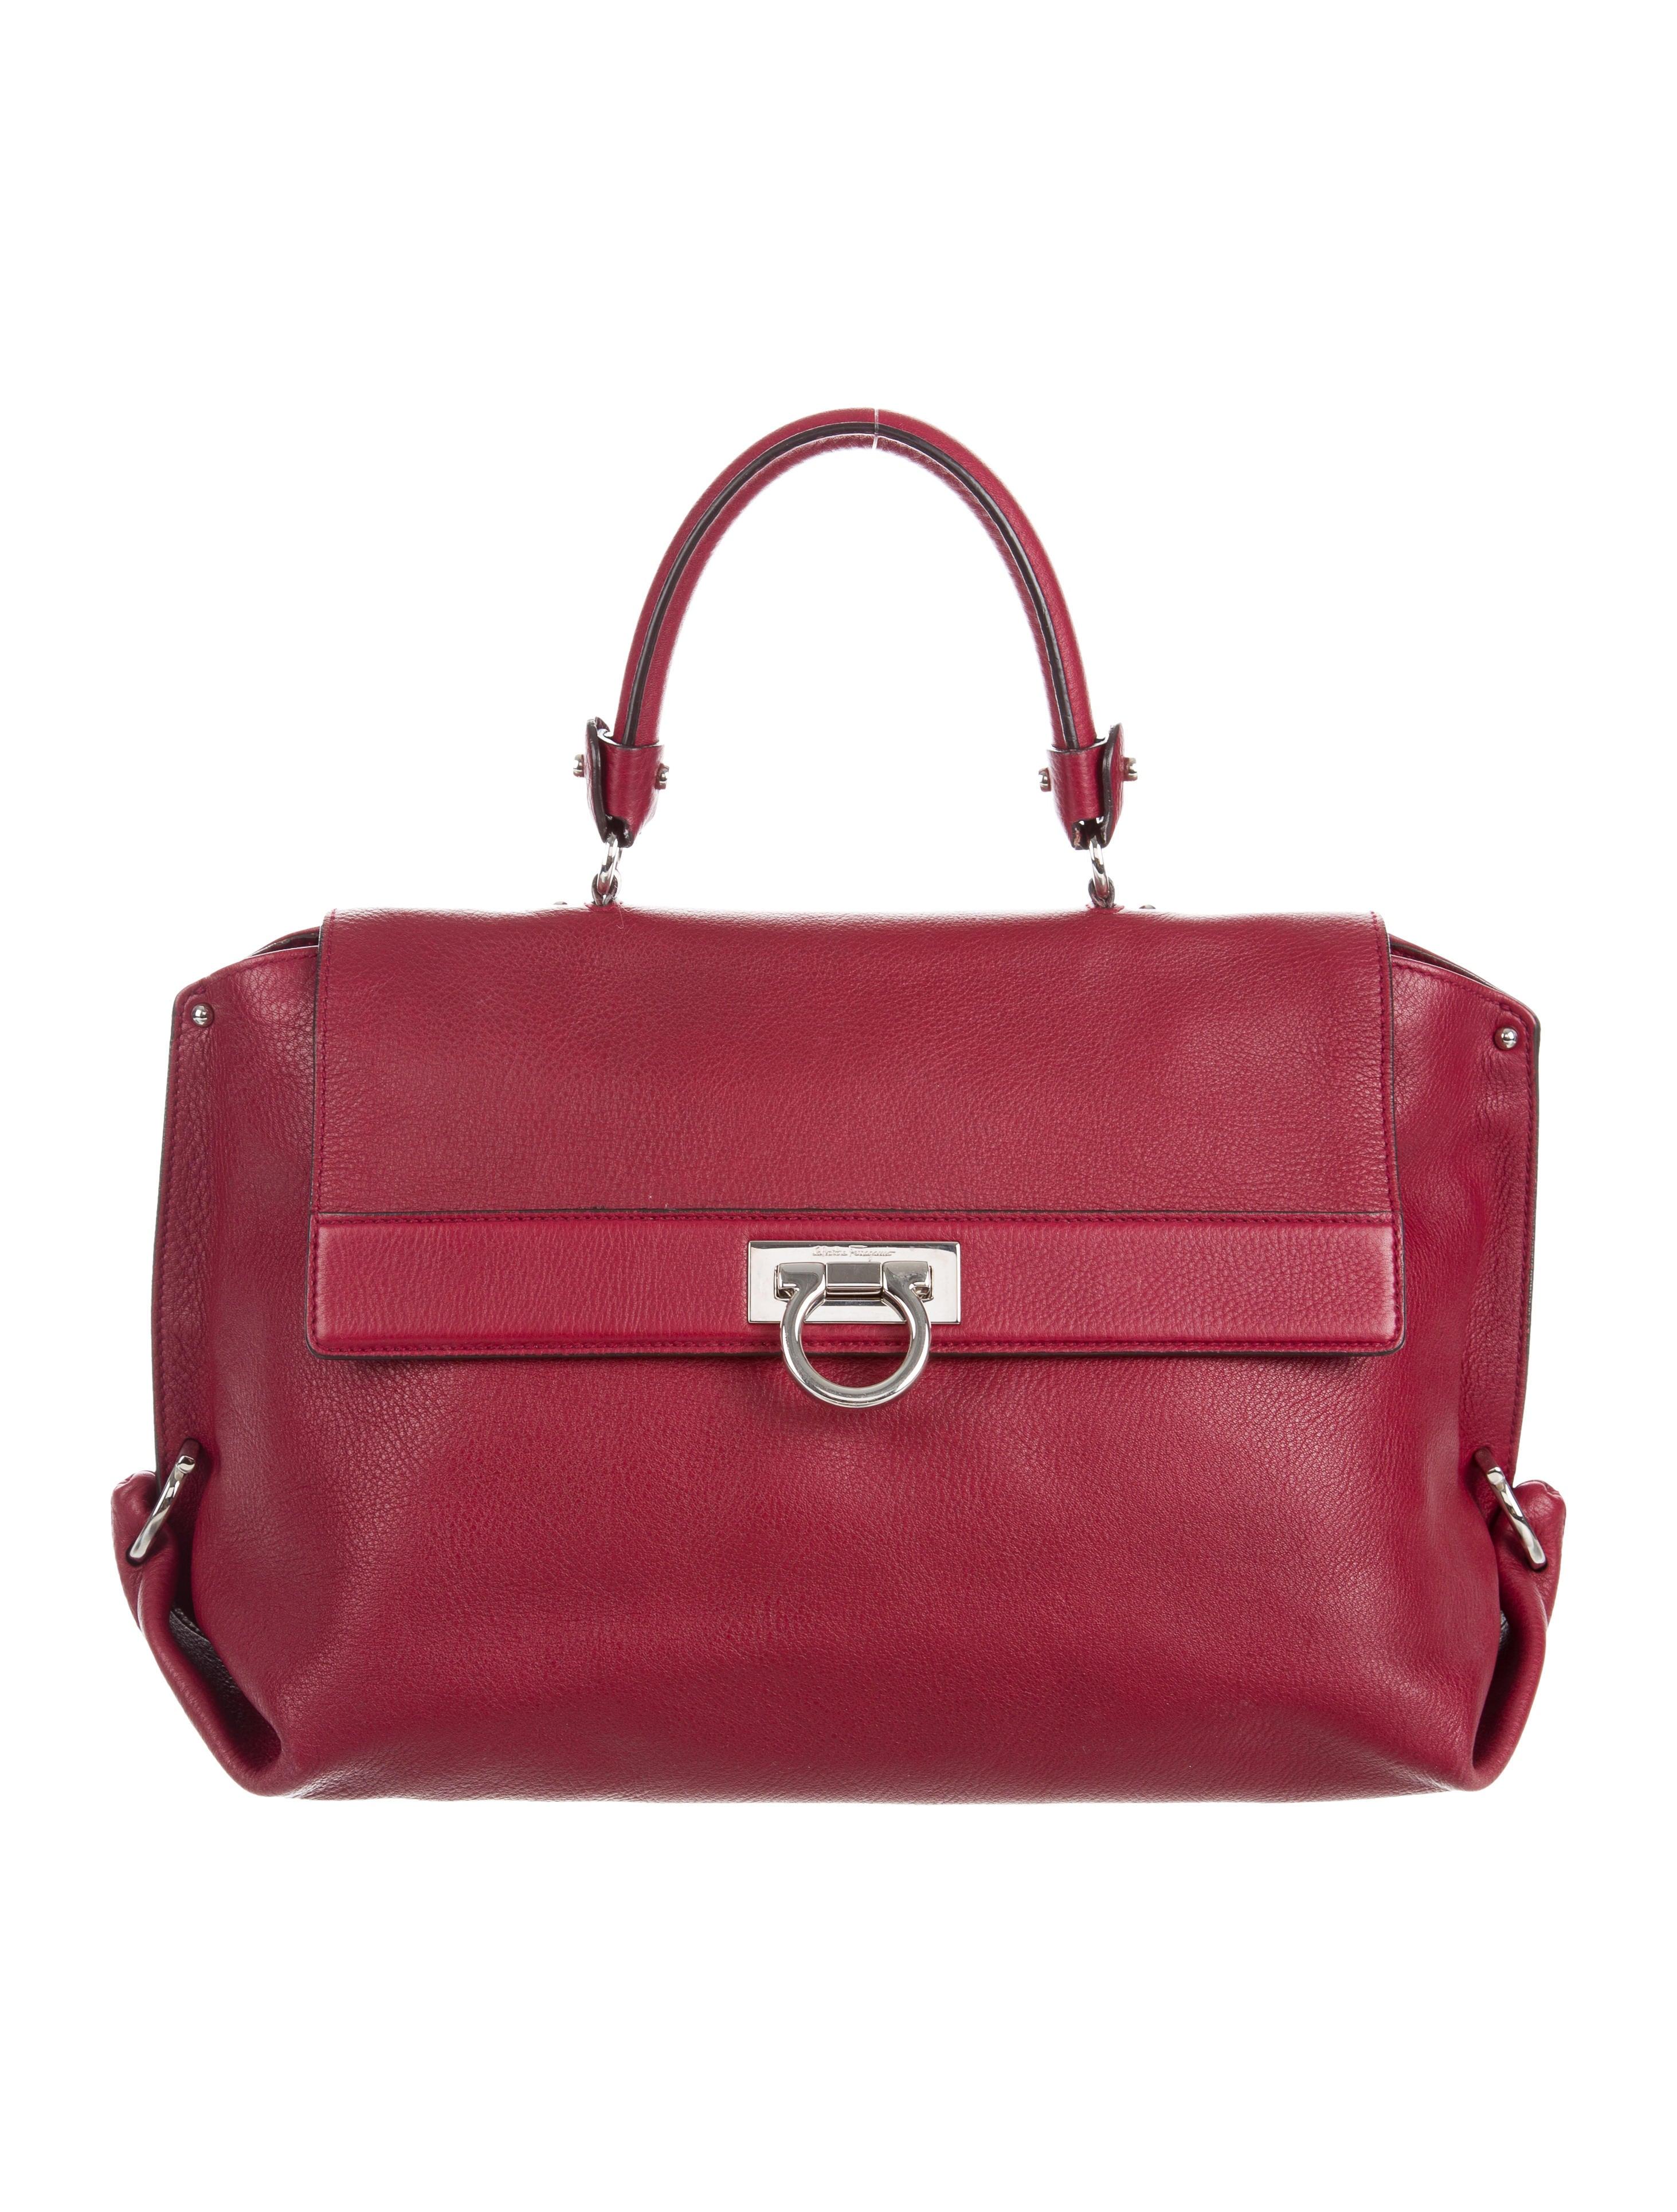 Salvatore Ferragamo Large Sofia Bag - Handbags - SAL50760  f47764e0e7489